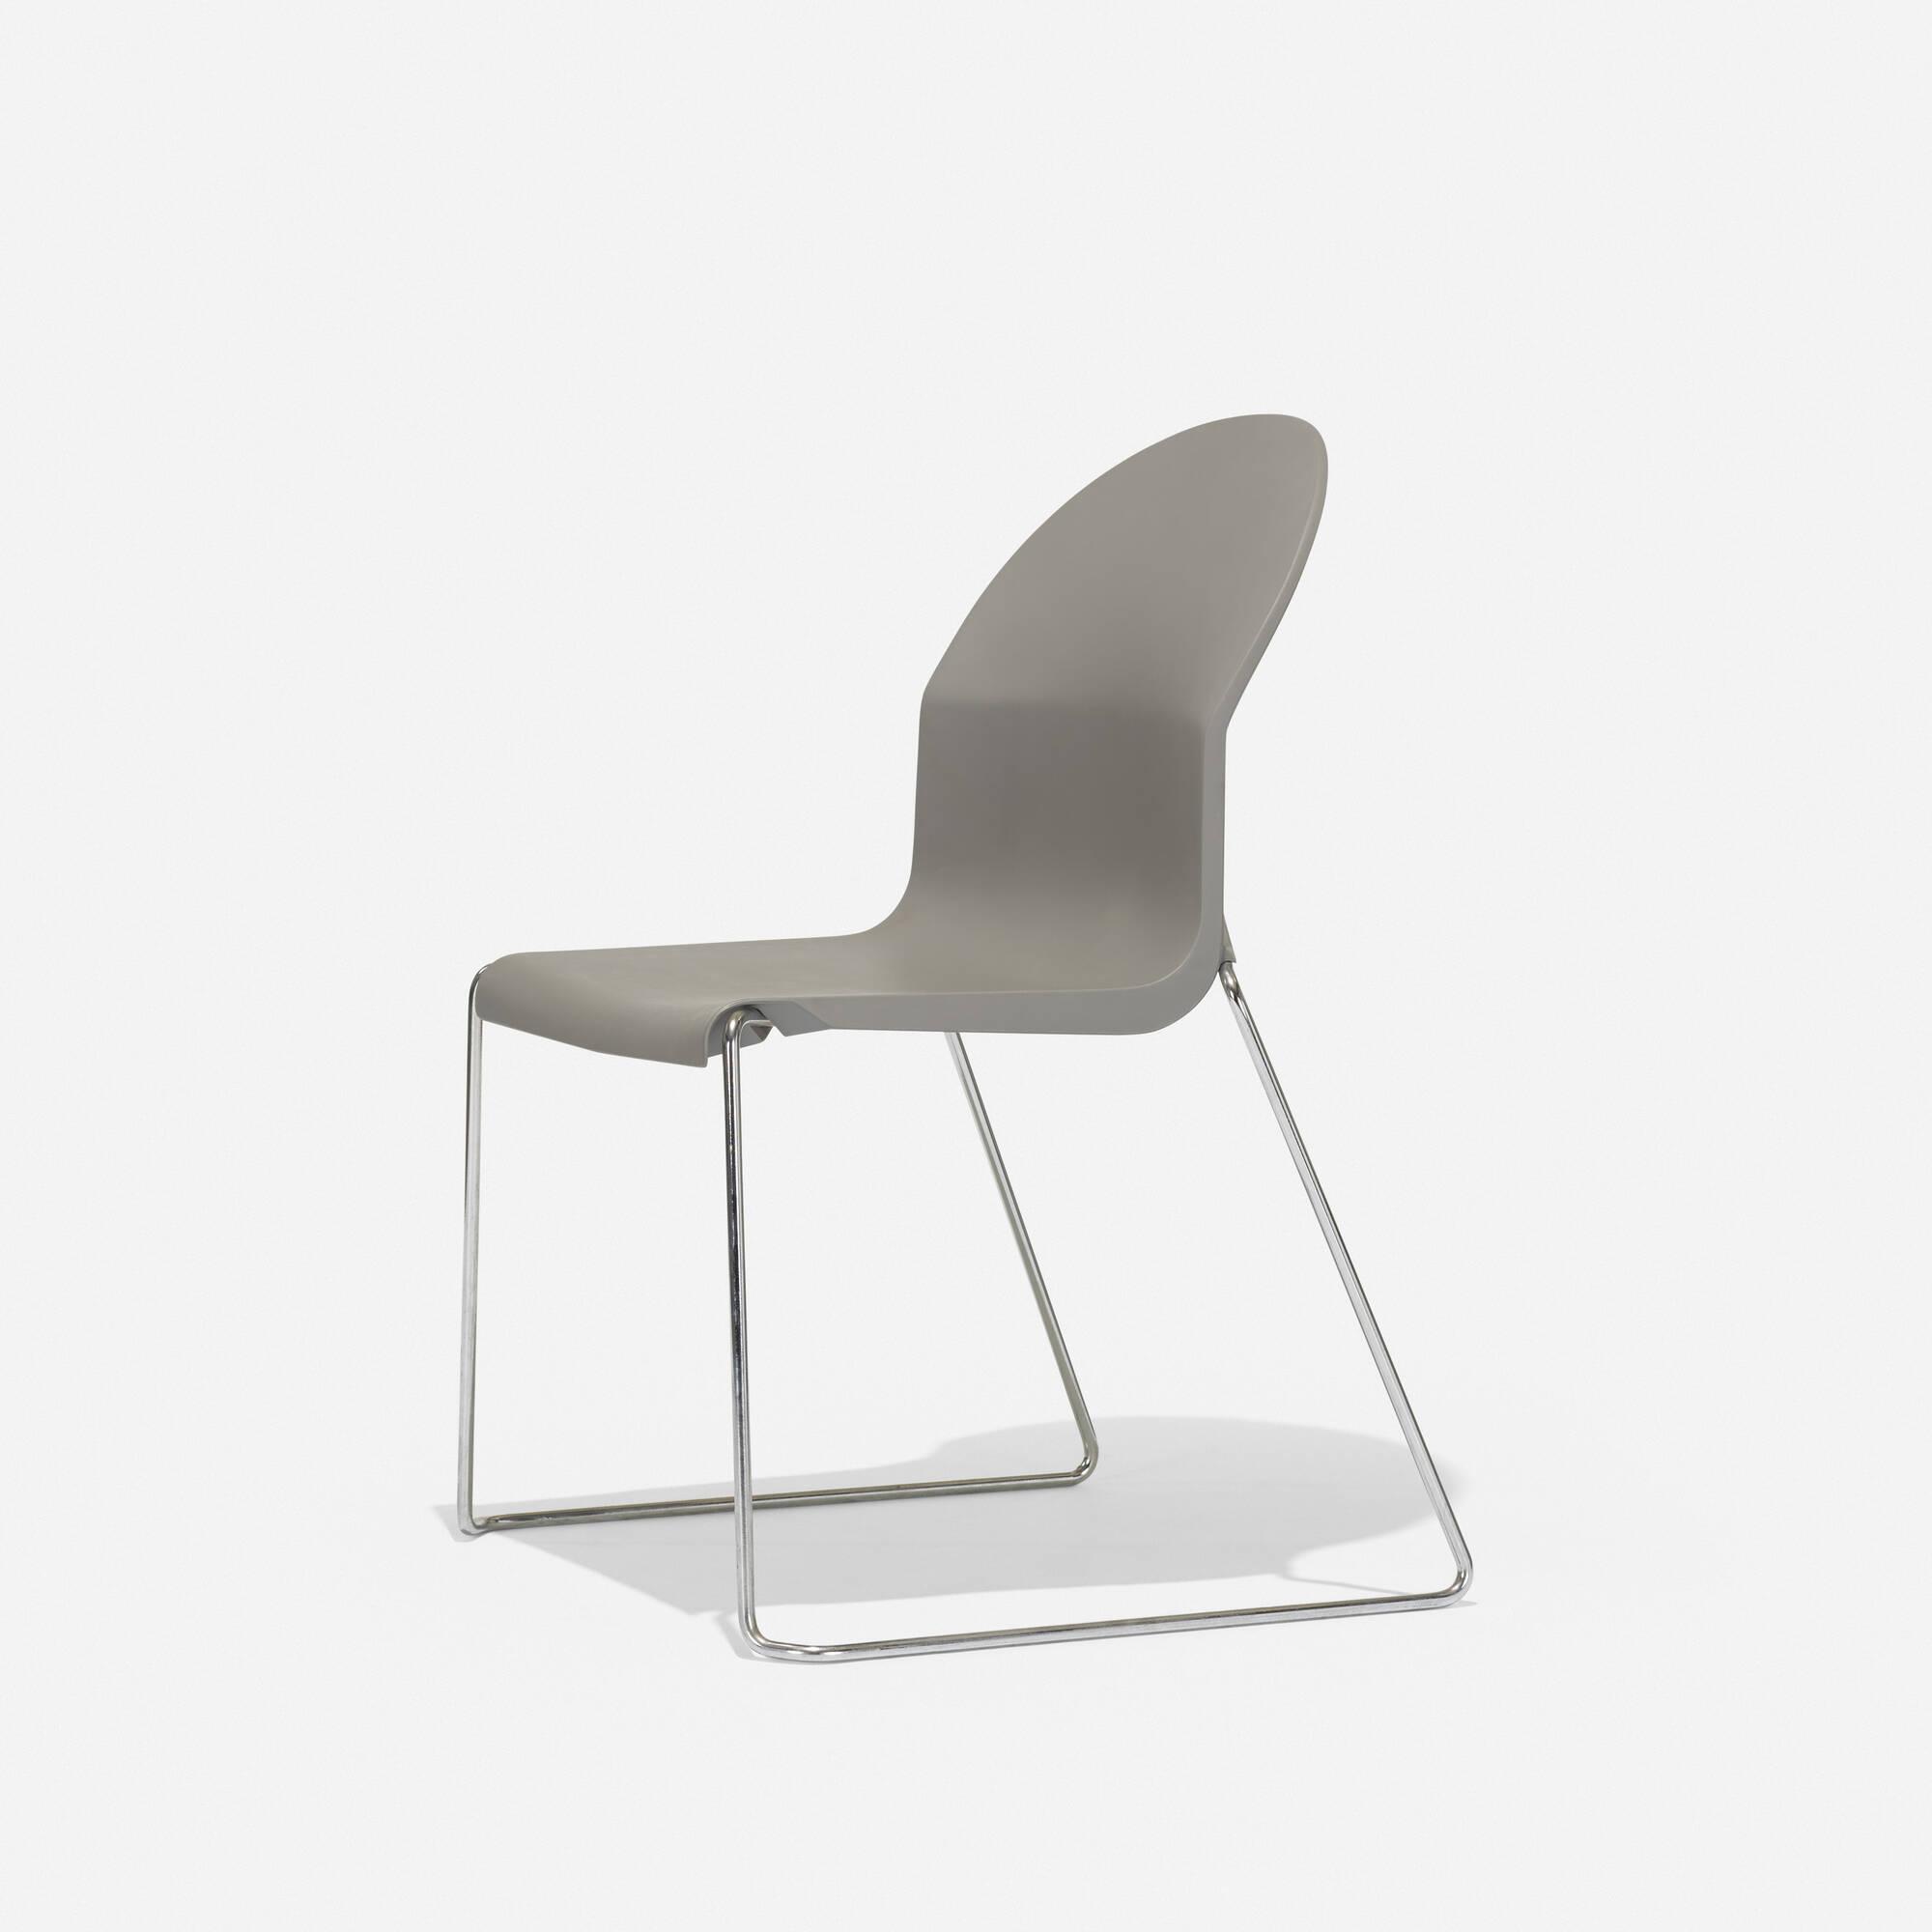 430: Richard Sapper / Aida chair (1 of 3)